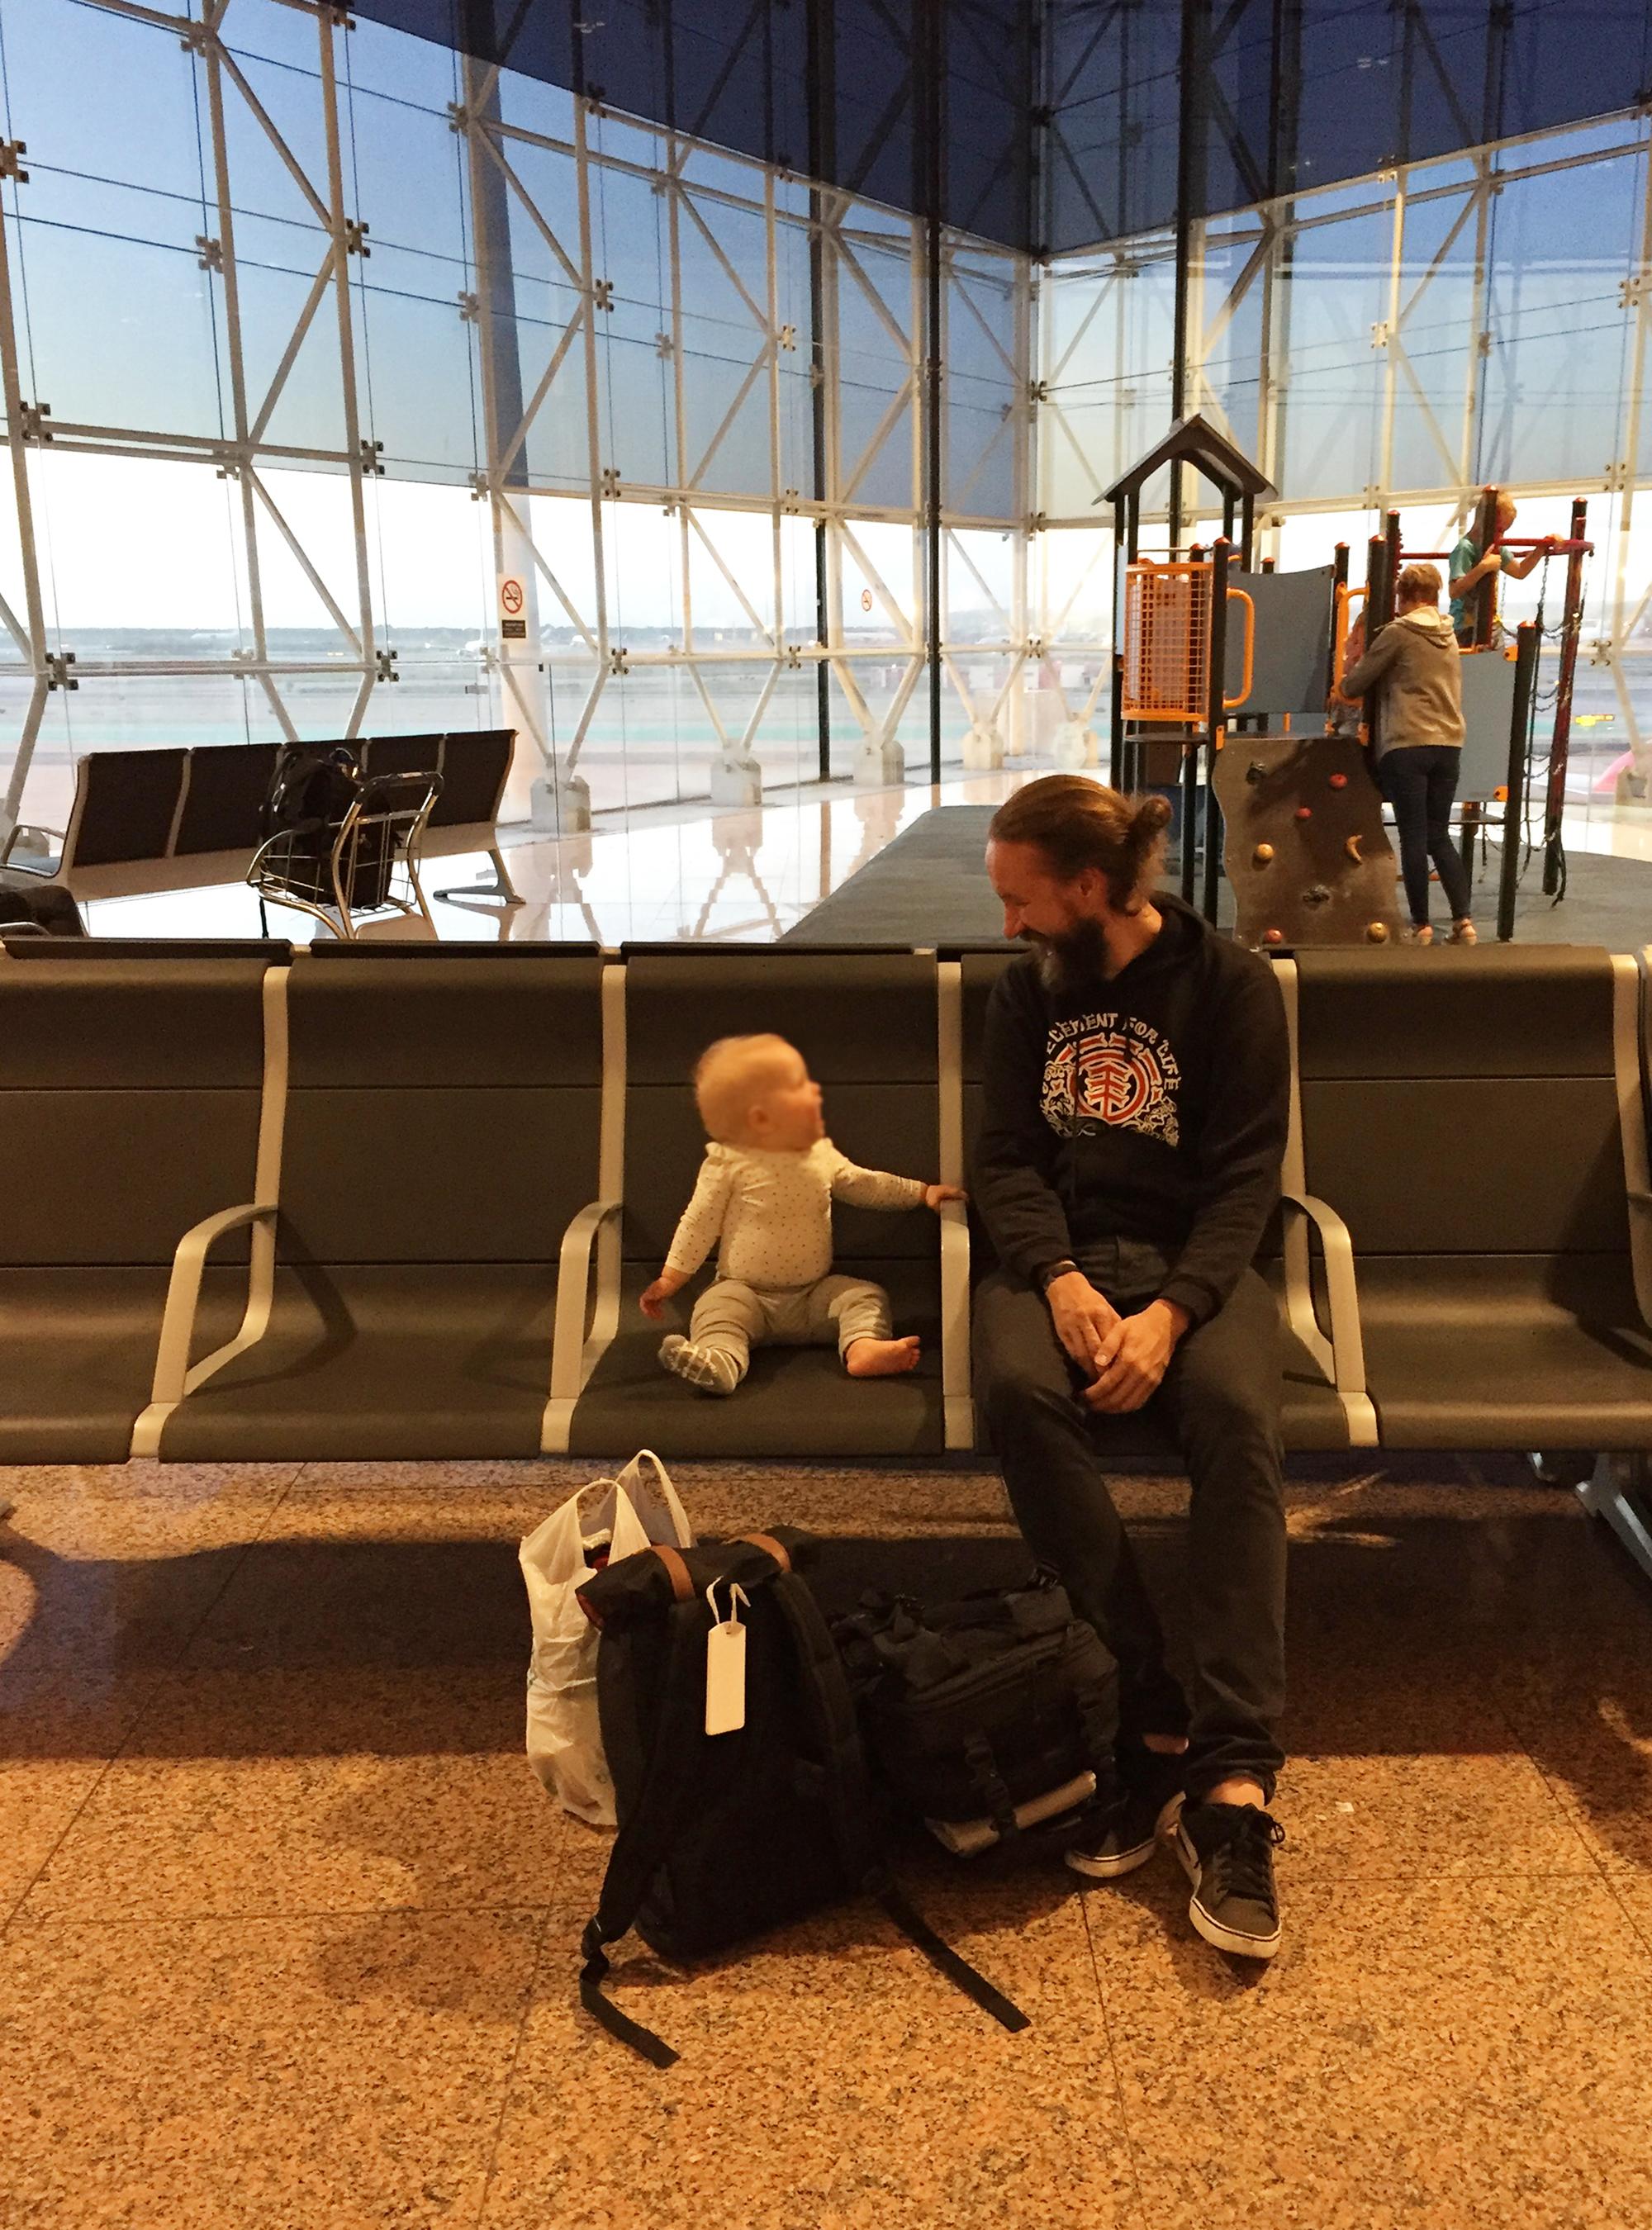 vauvan ensimmäinen matka